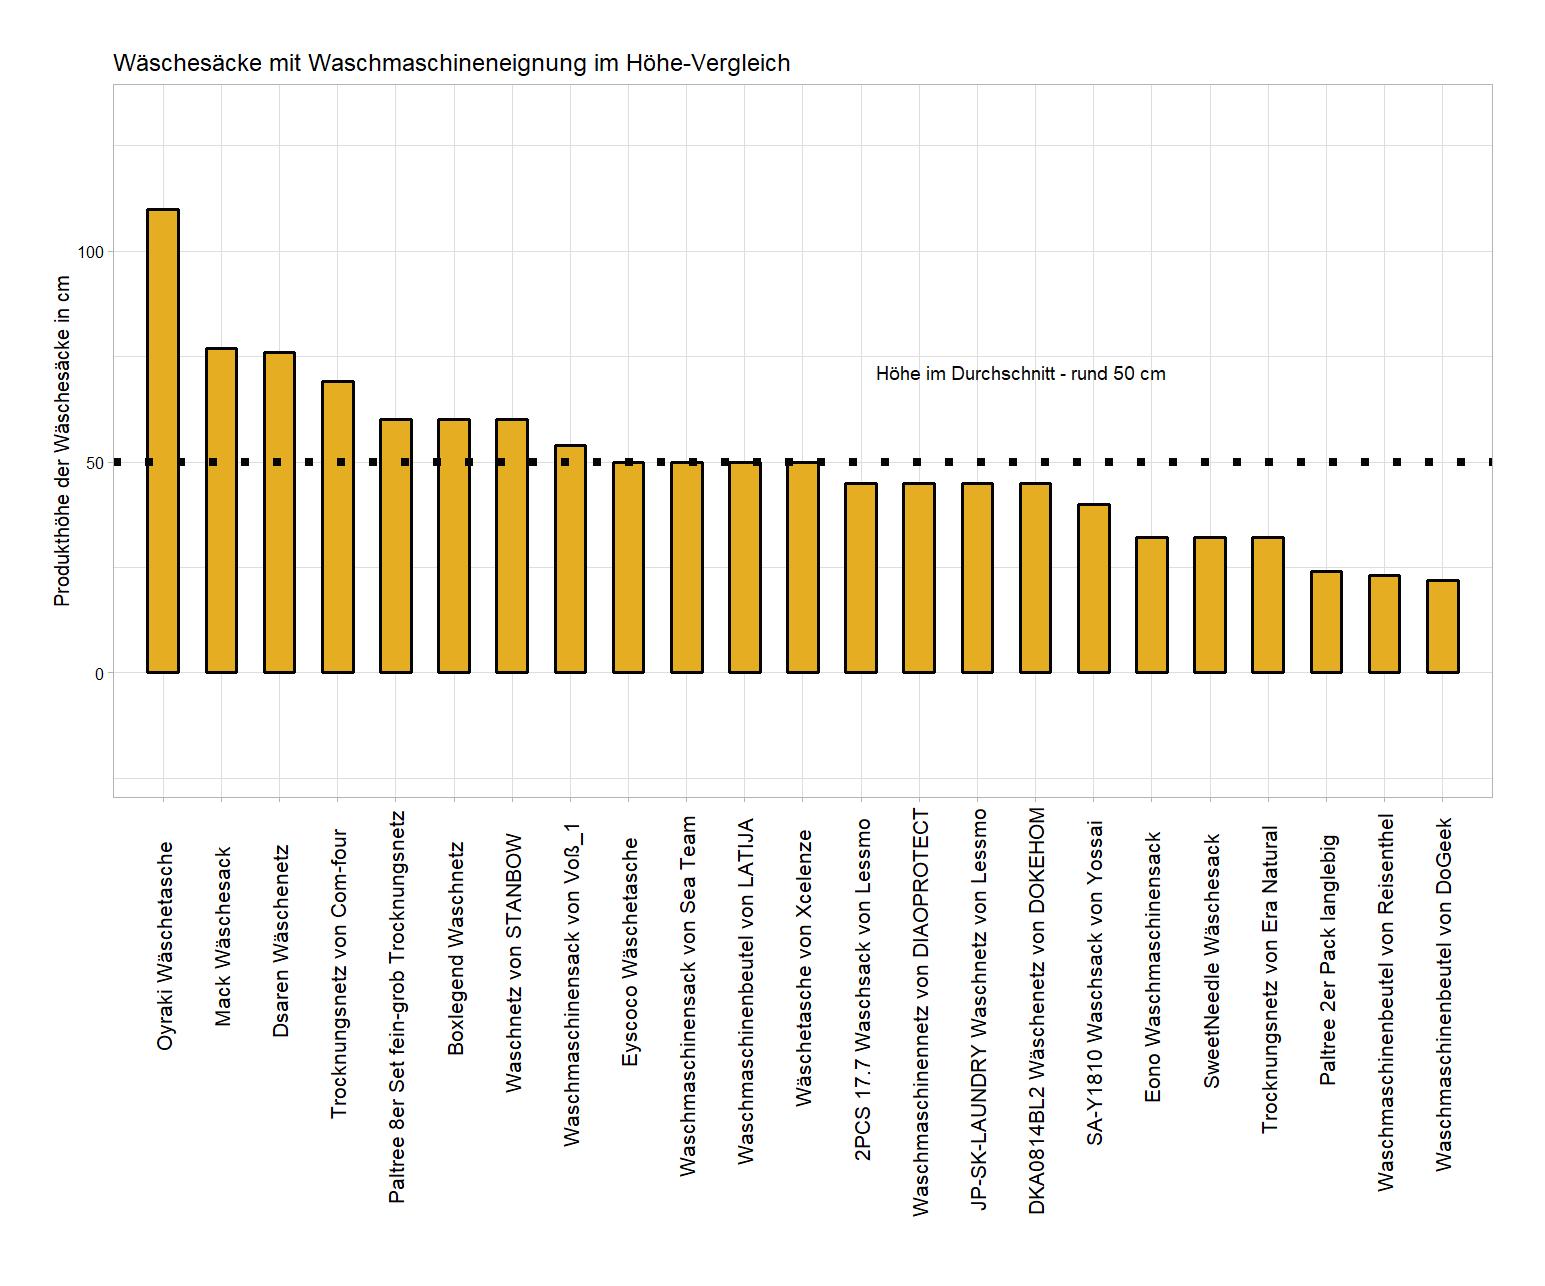 umfassender Höhe-Vergleich Wäschenetz Waschmaschineneignung